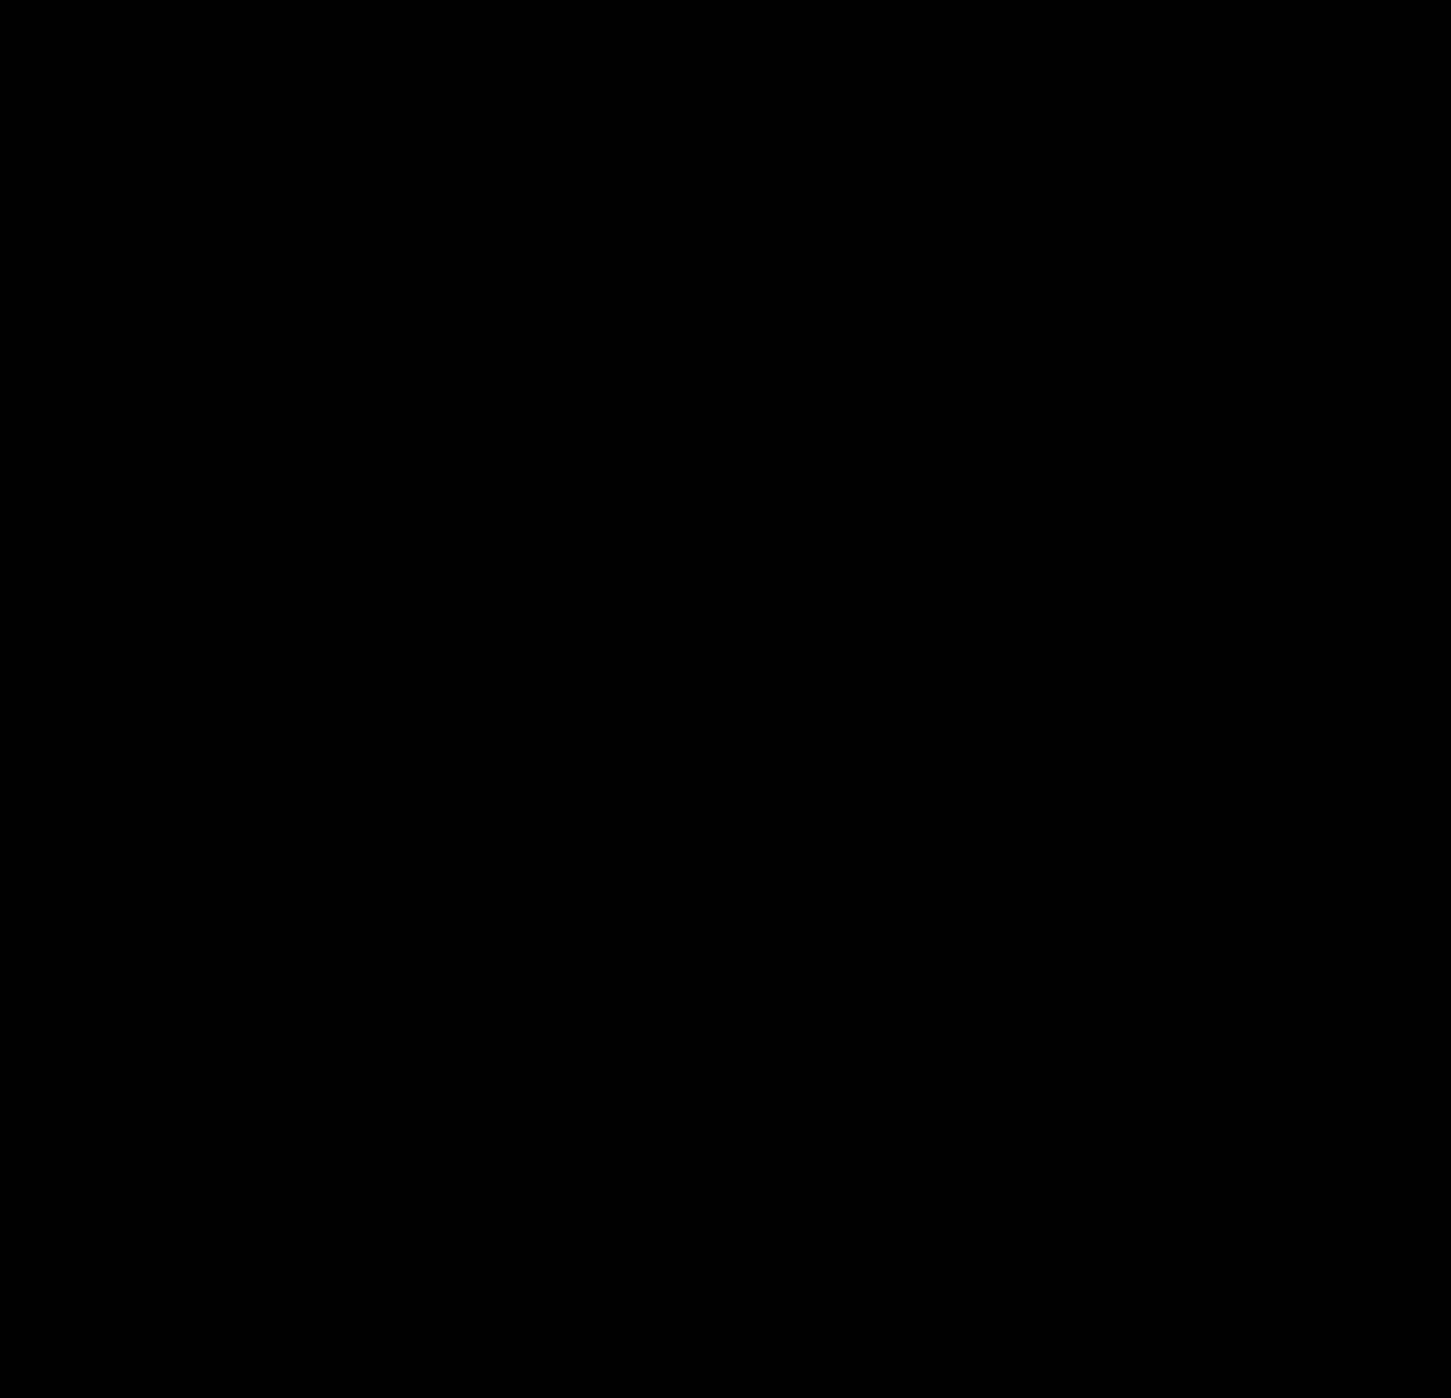 Clipart Present Icon.